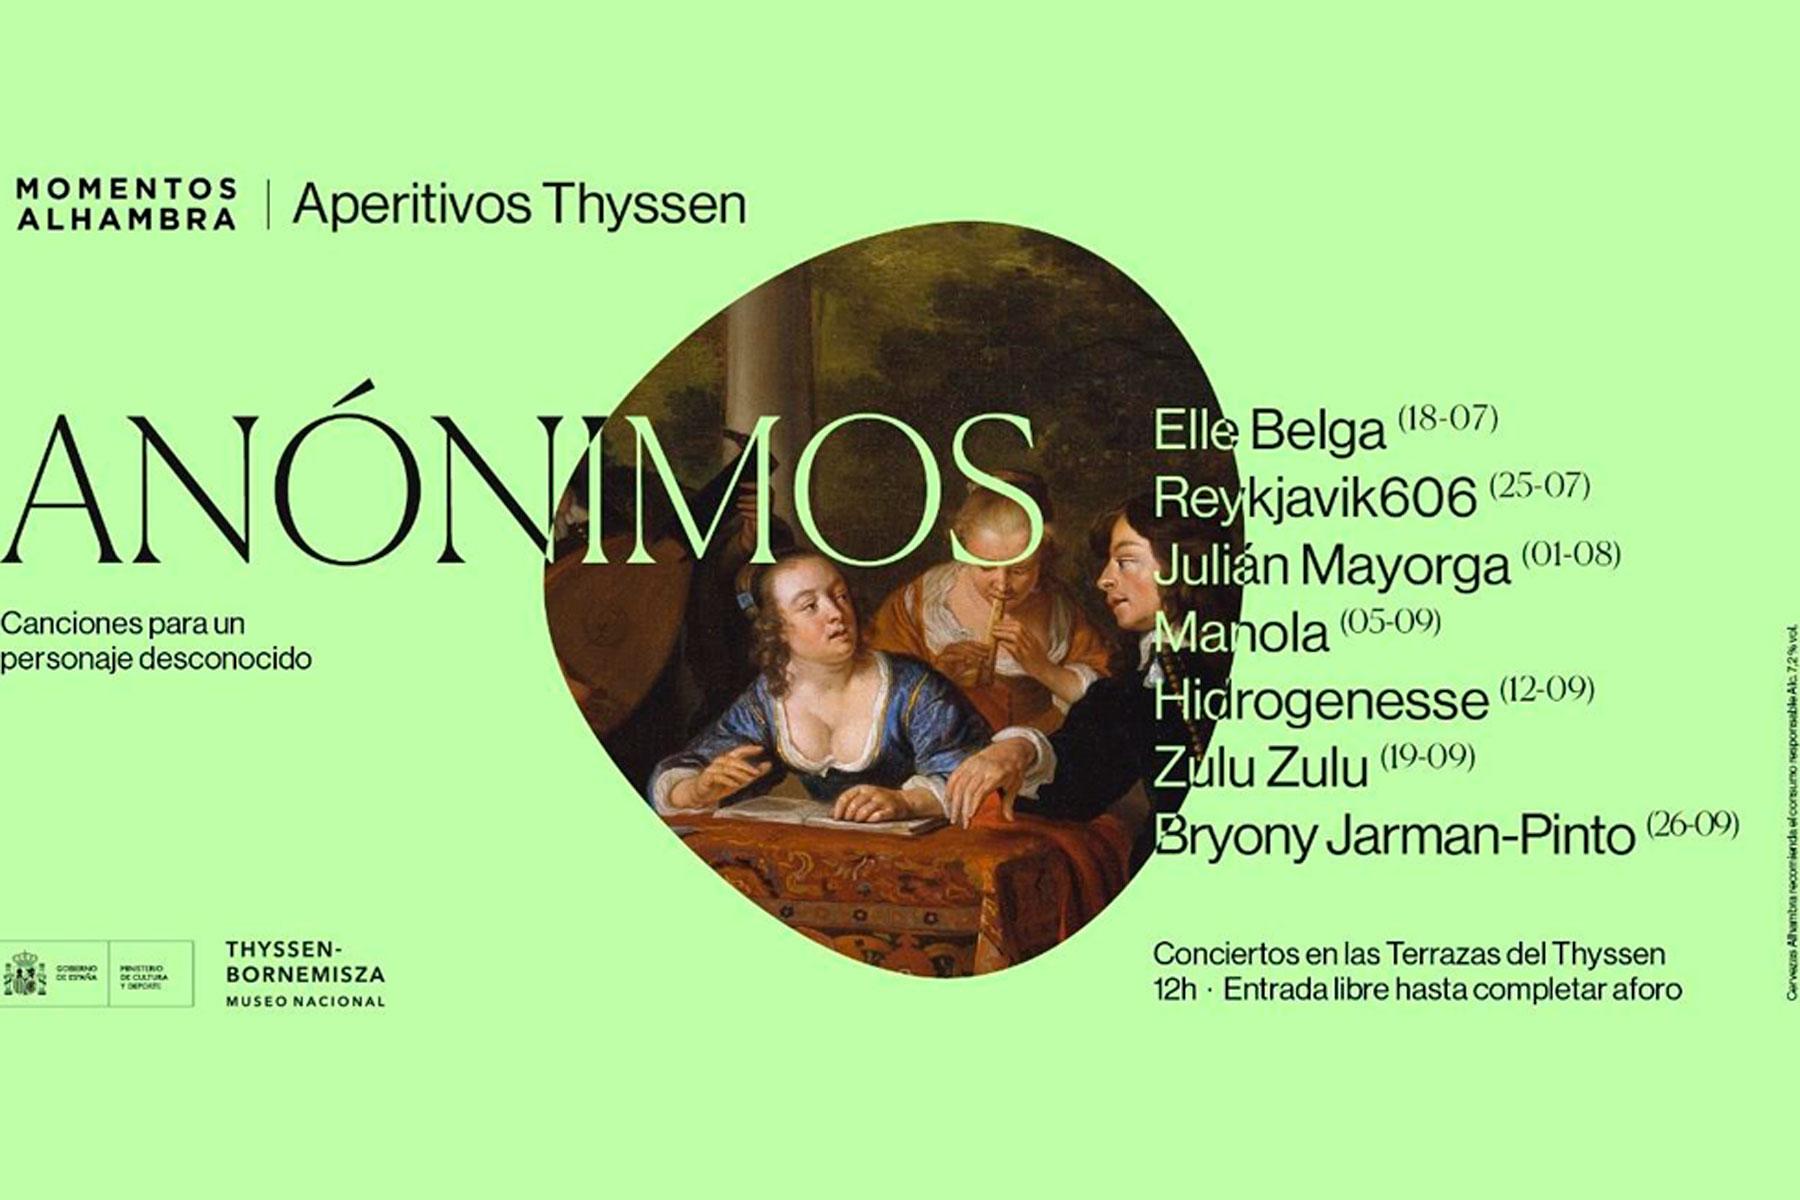 Siete conciertos en Las Terrazas de Thyssen te esperan del 18 de julio al 26 de septiembre